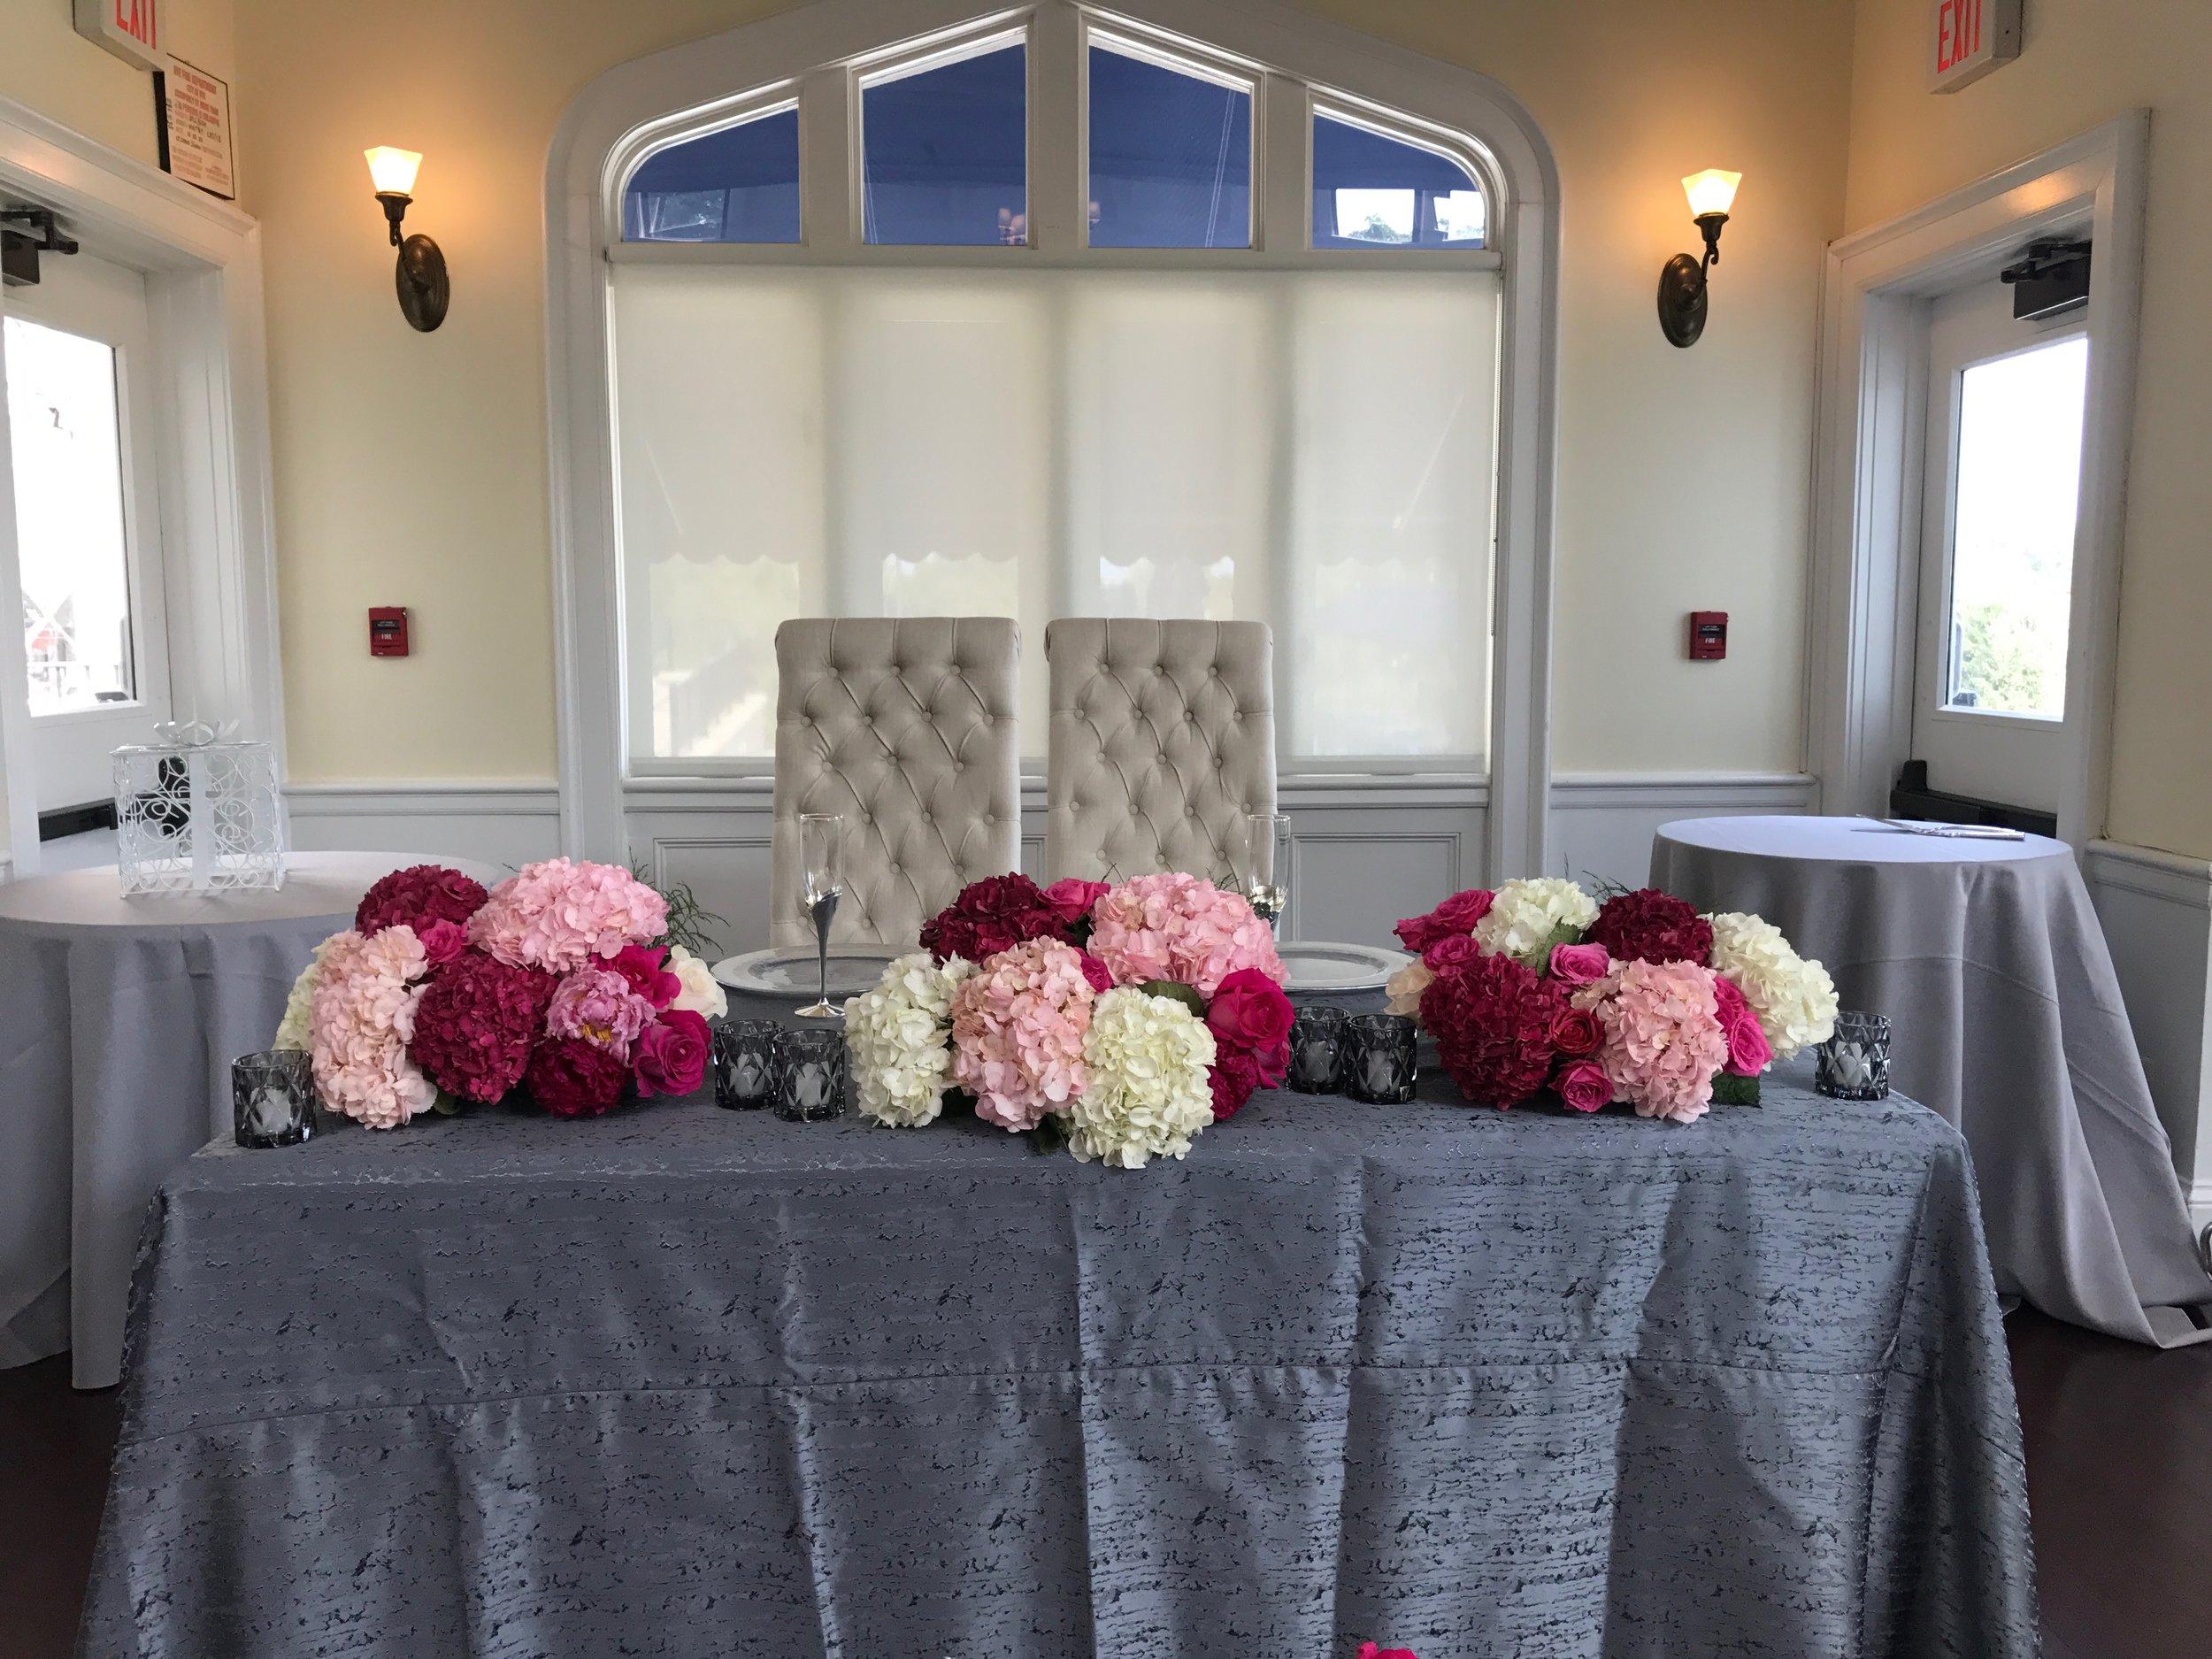 Evelisa Floral & Design: Sweethearttable design